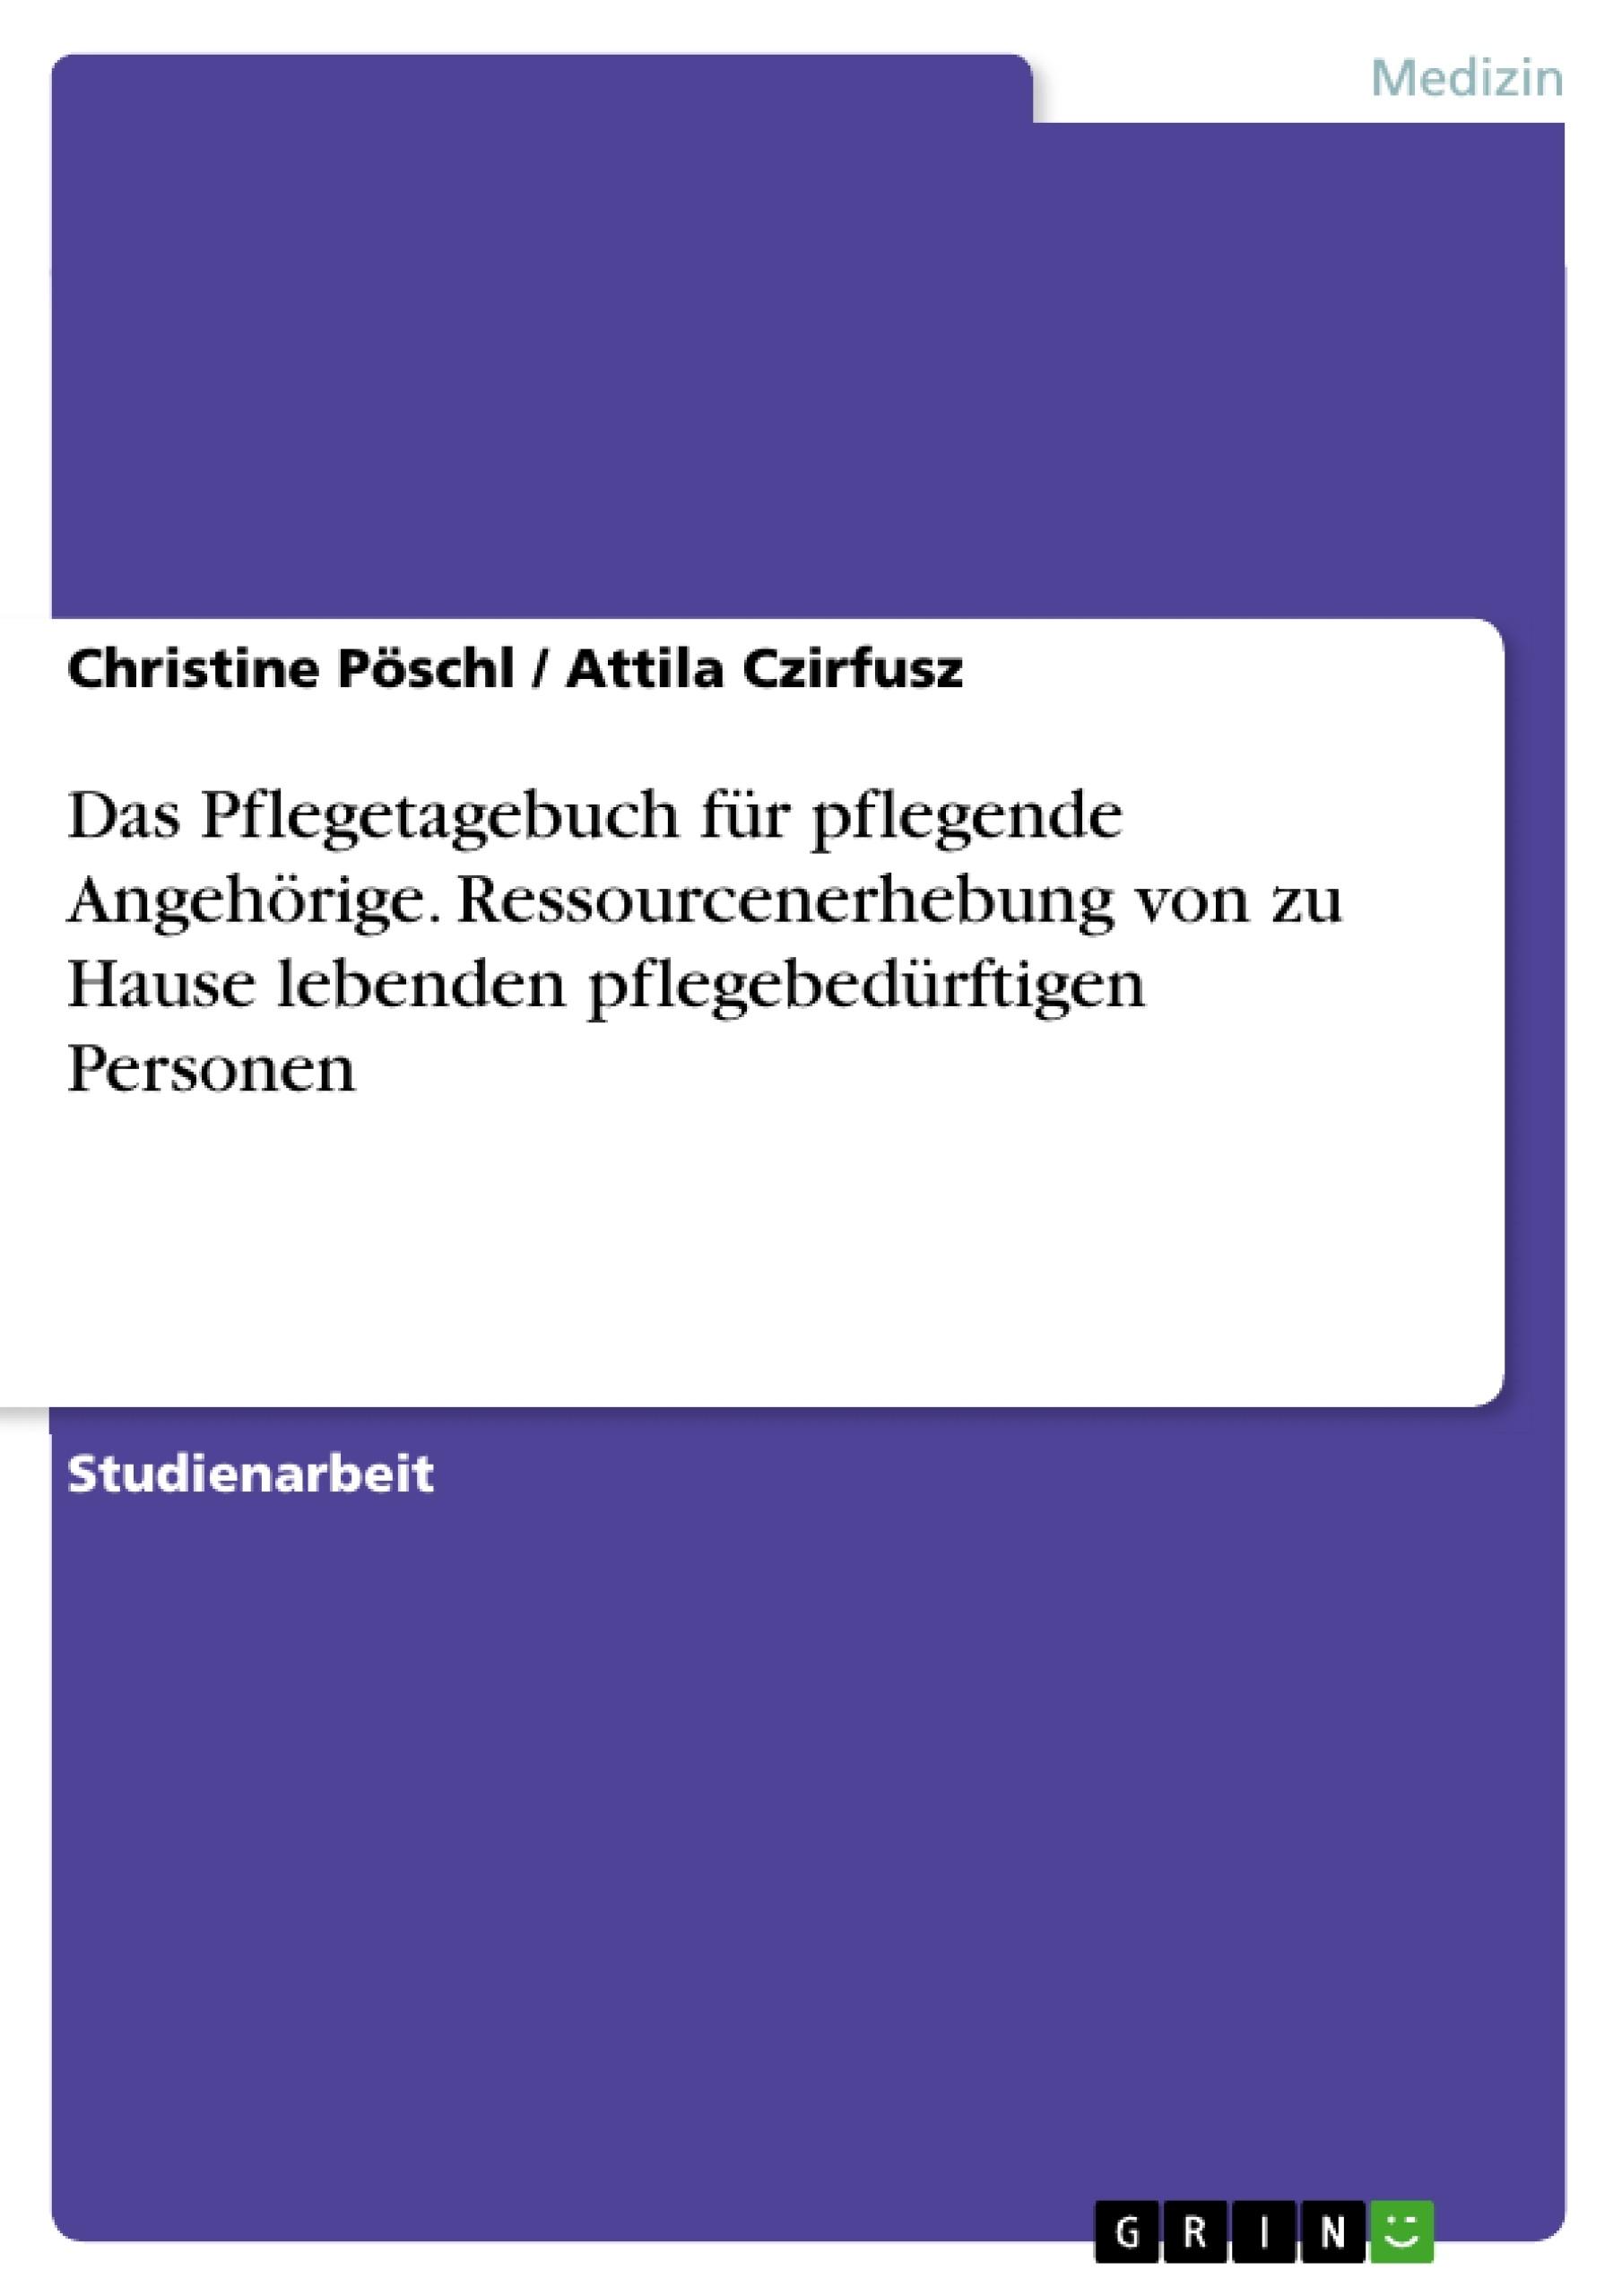 Titel: Das Pflegetagebuch für pflegende Angehörige. Ressourcenerhebung von zu Hause lebenden pflegebedürftigen Personen